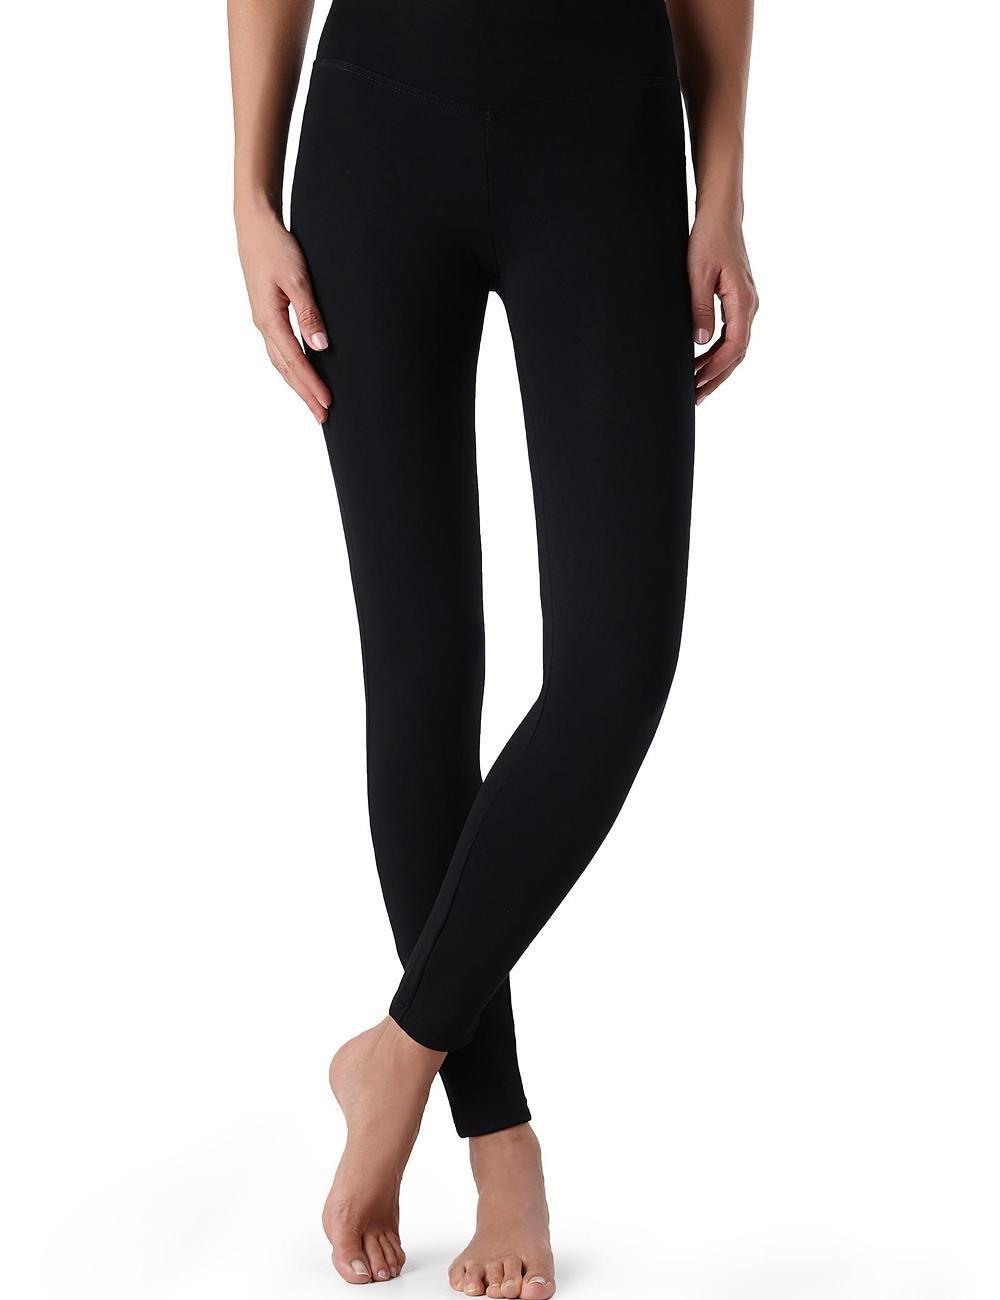 Calzedonia Womens Thermal Total Shaper Leggings